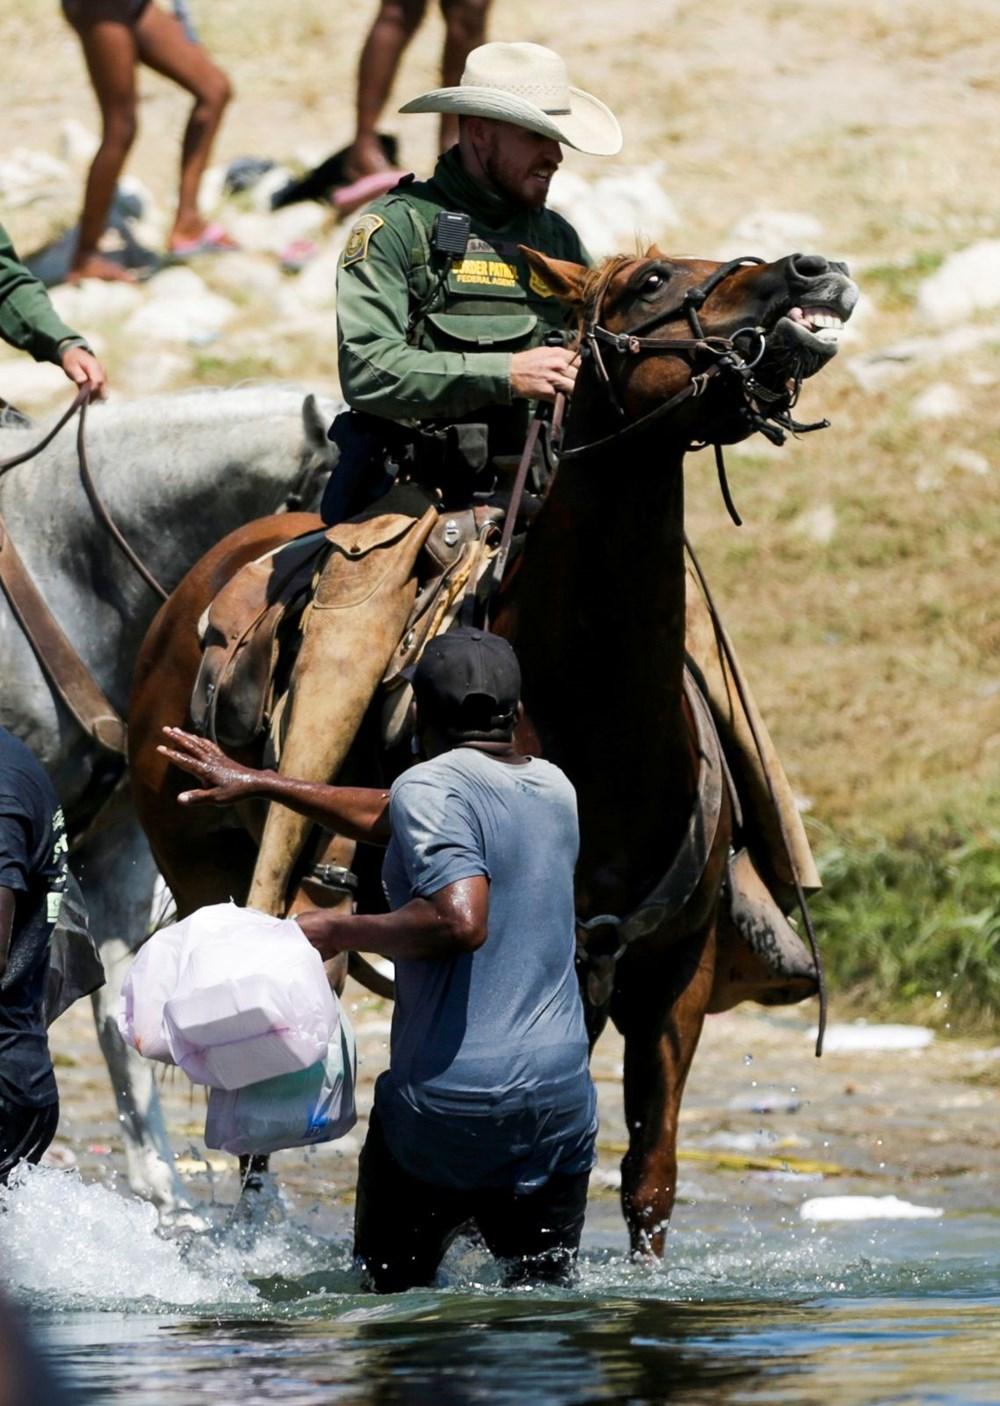 ABD'li sınır muhafızları kementlerle göçmenlere saldırdı: Beyaz Saray özür diledi - 3